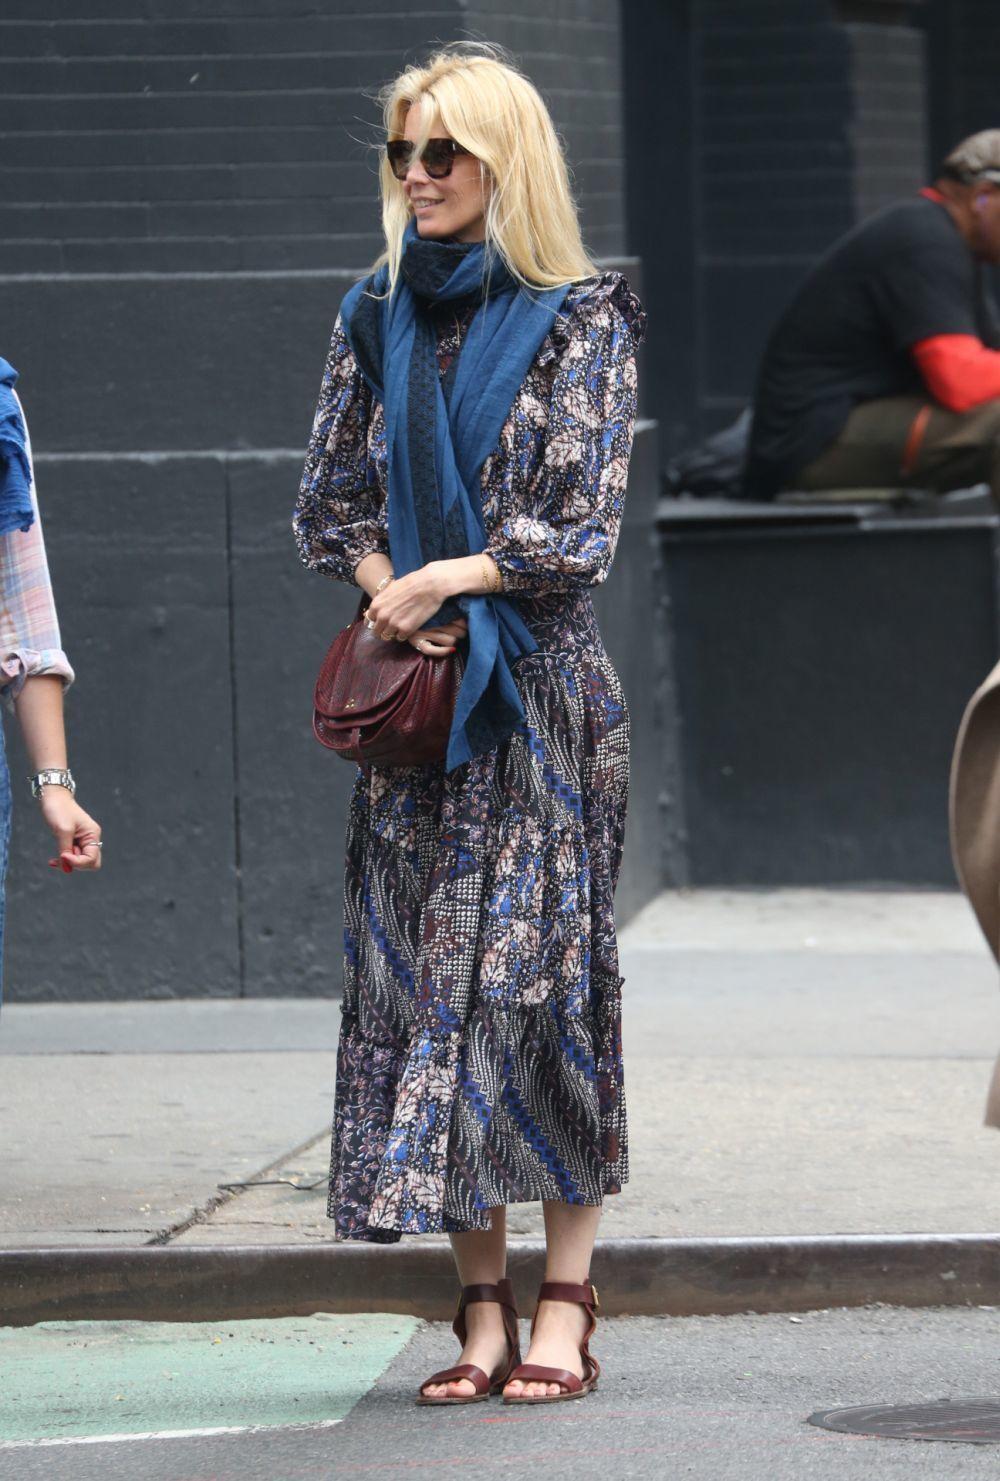 Te puede interesar: El vestido de manga larga es el comodín perfecto para esos días que refresca